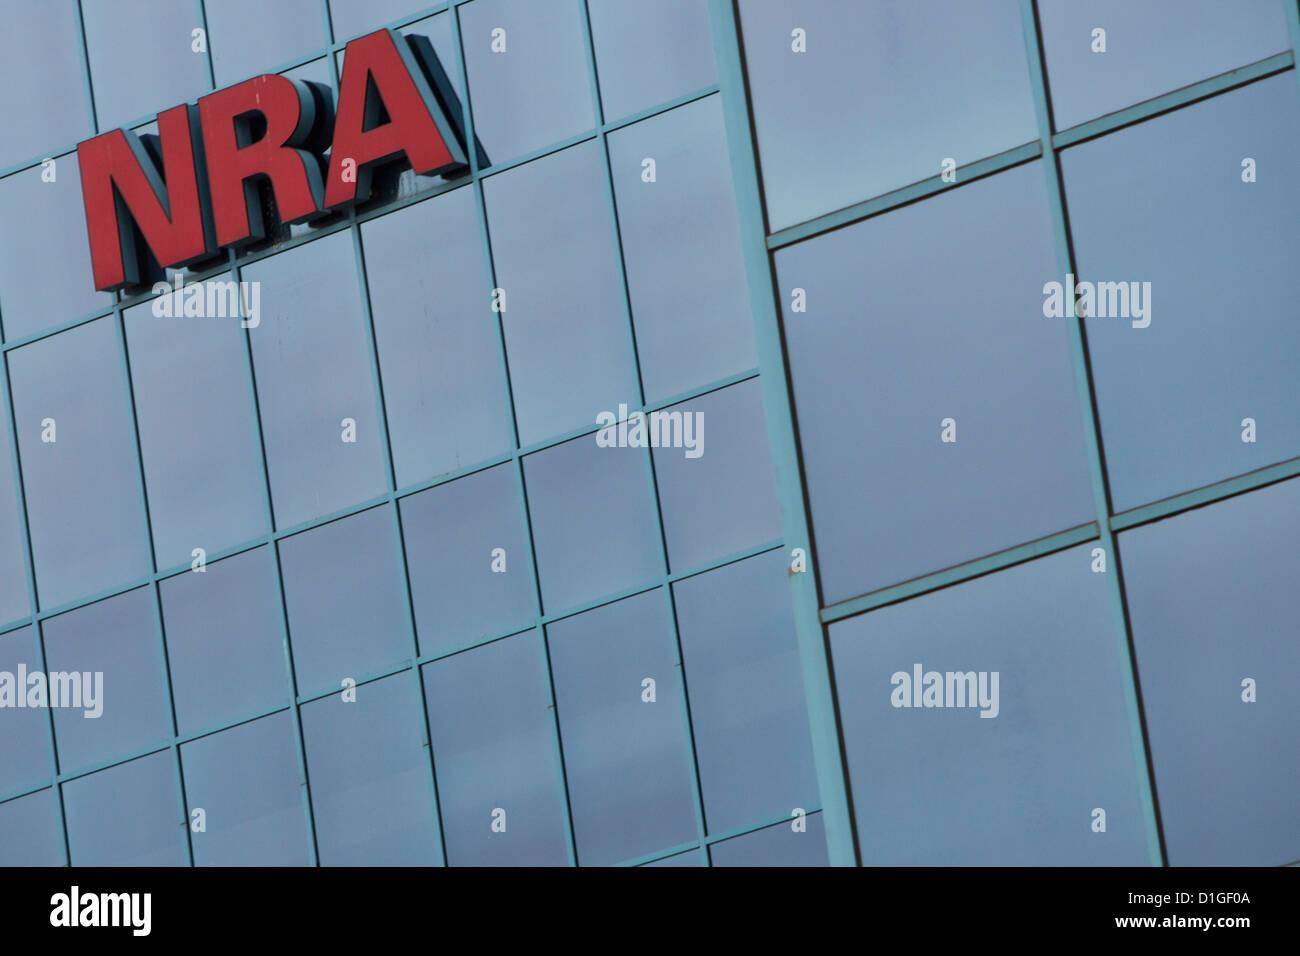 La sede de la Asociación Nacional del Rifle, también conocida como la ANR. Imagen De Stock